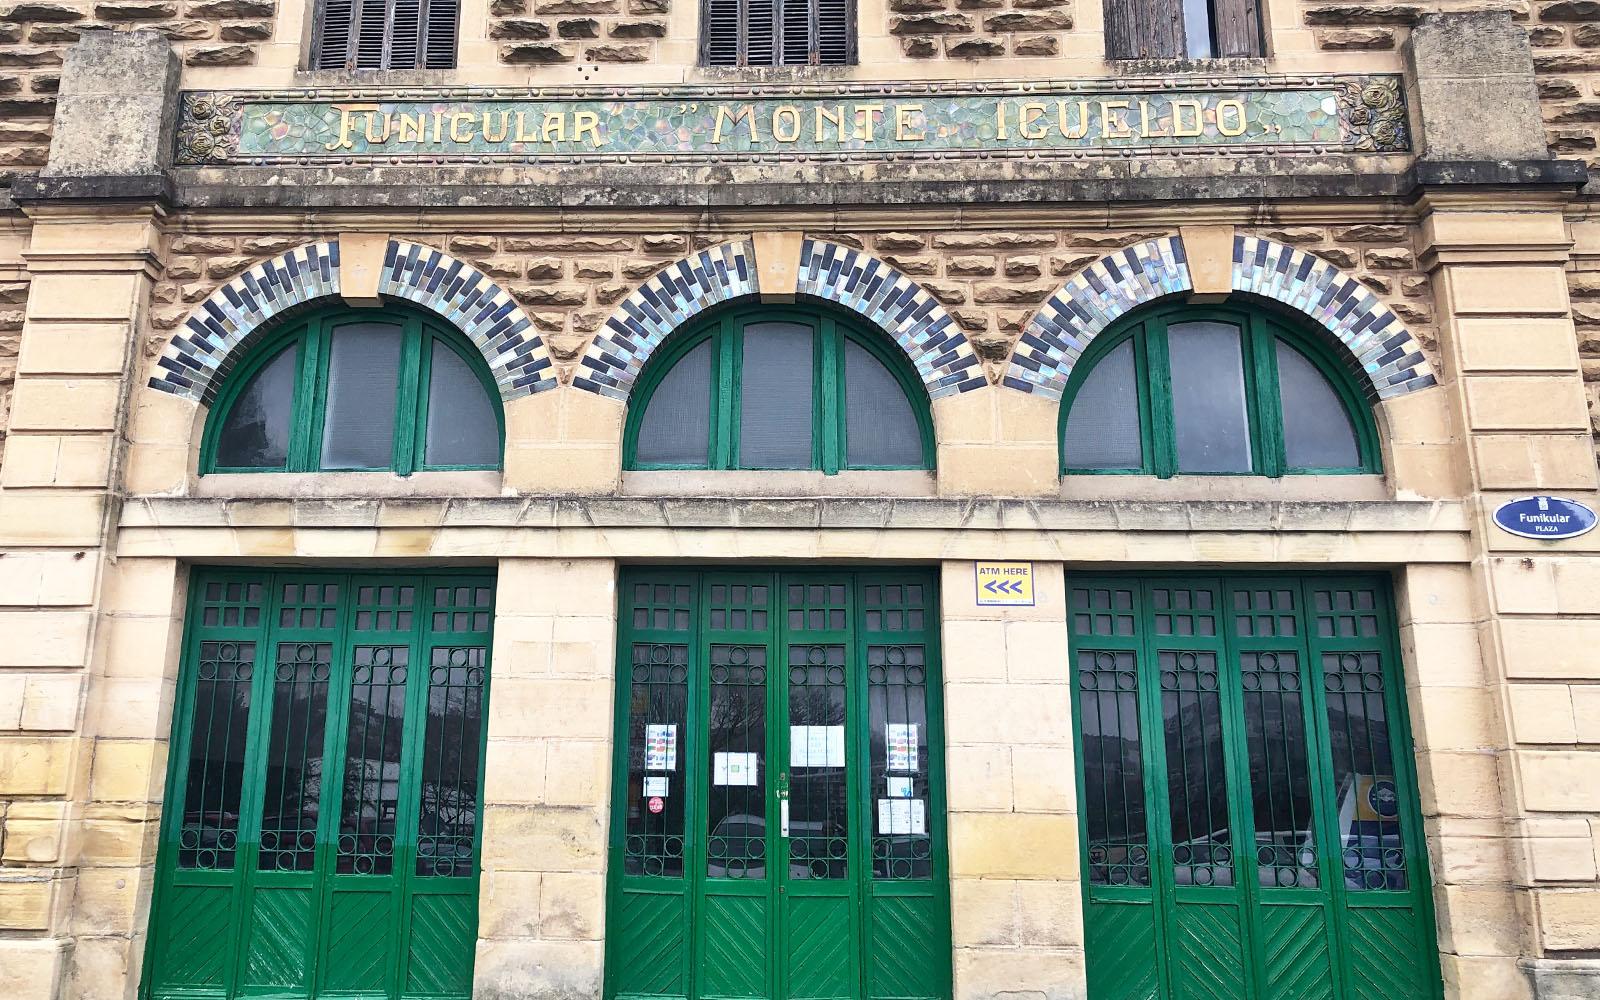 L'ingresso della funicolare del Monte Igueldo.